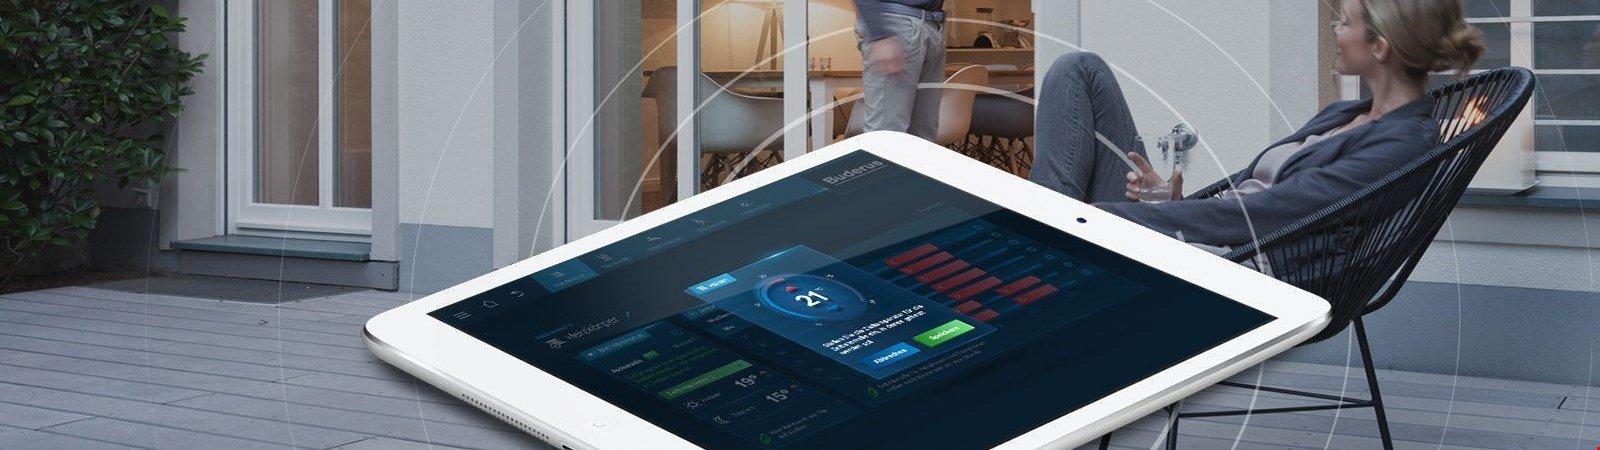 Digitale Heizung aus Kundensicht